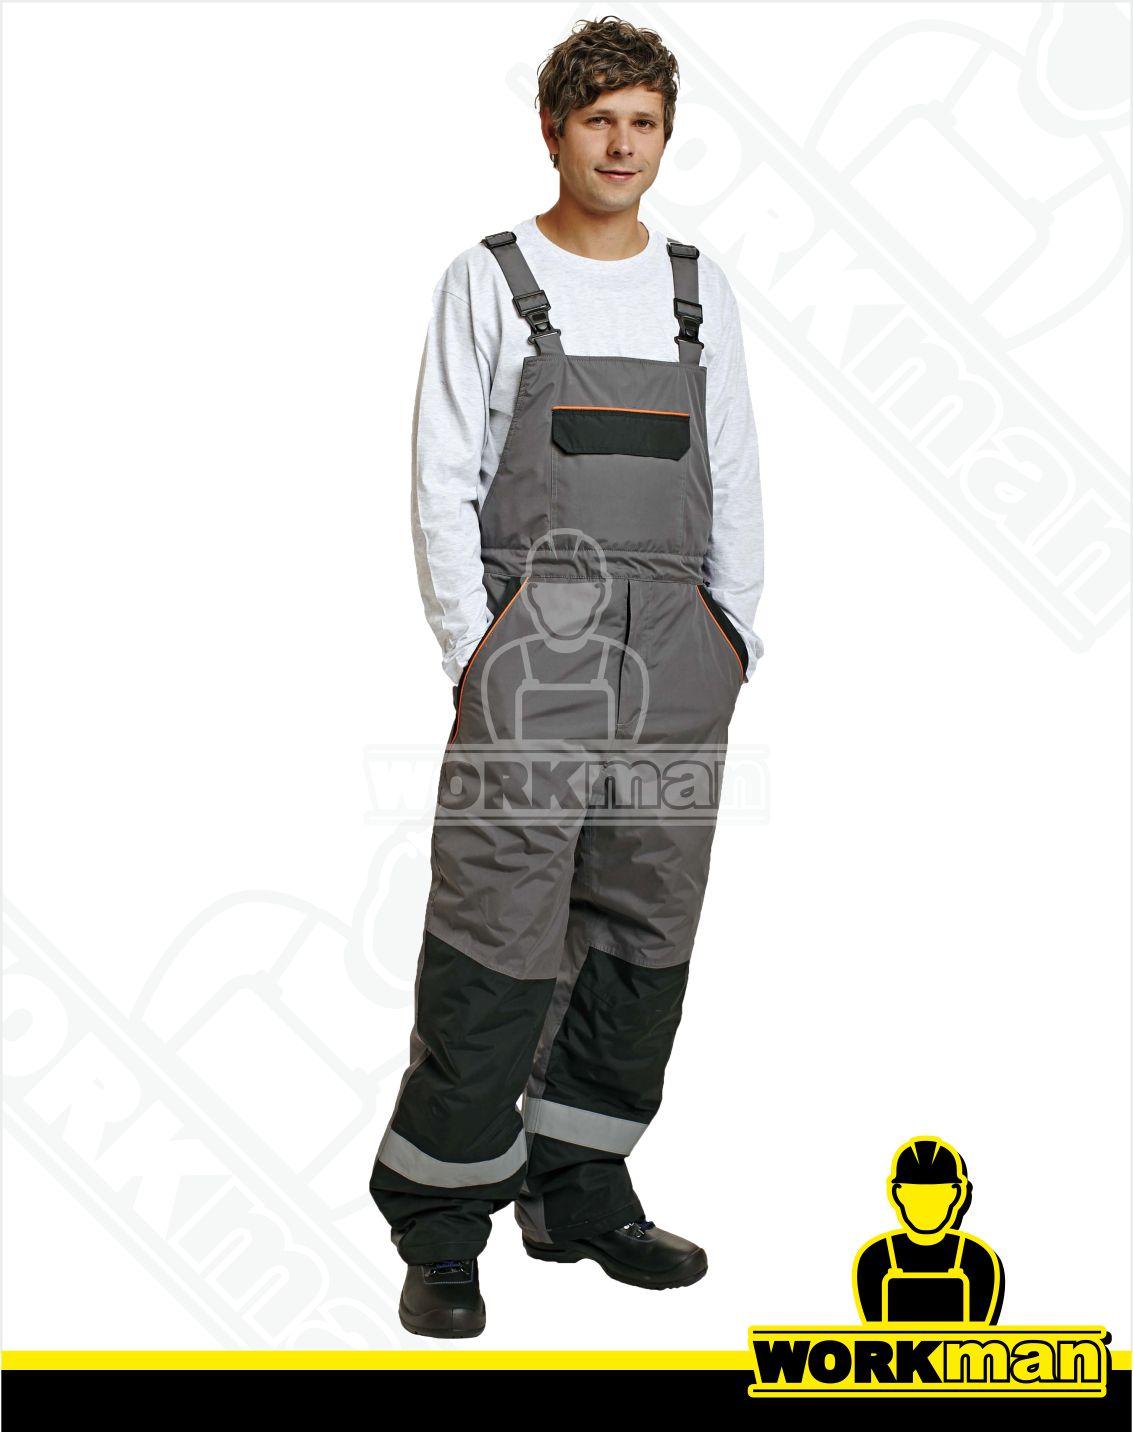 ada1a947fa59 Zateplené montérkové nohavice EMERTON WINTER s náprsenkou Červa